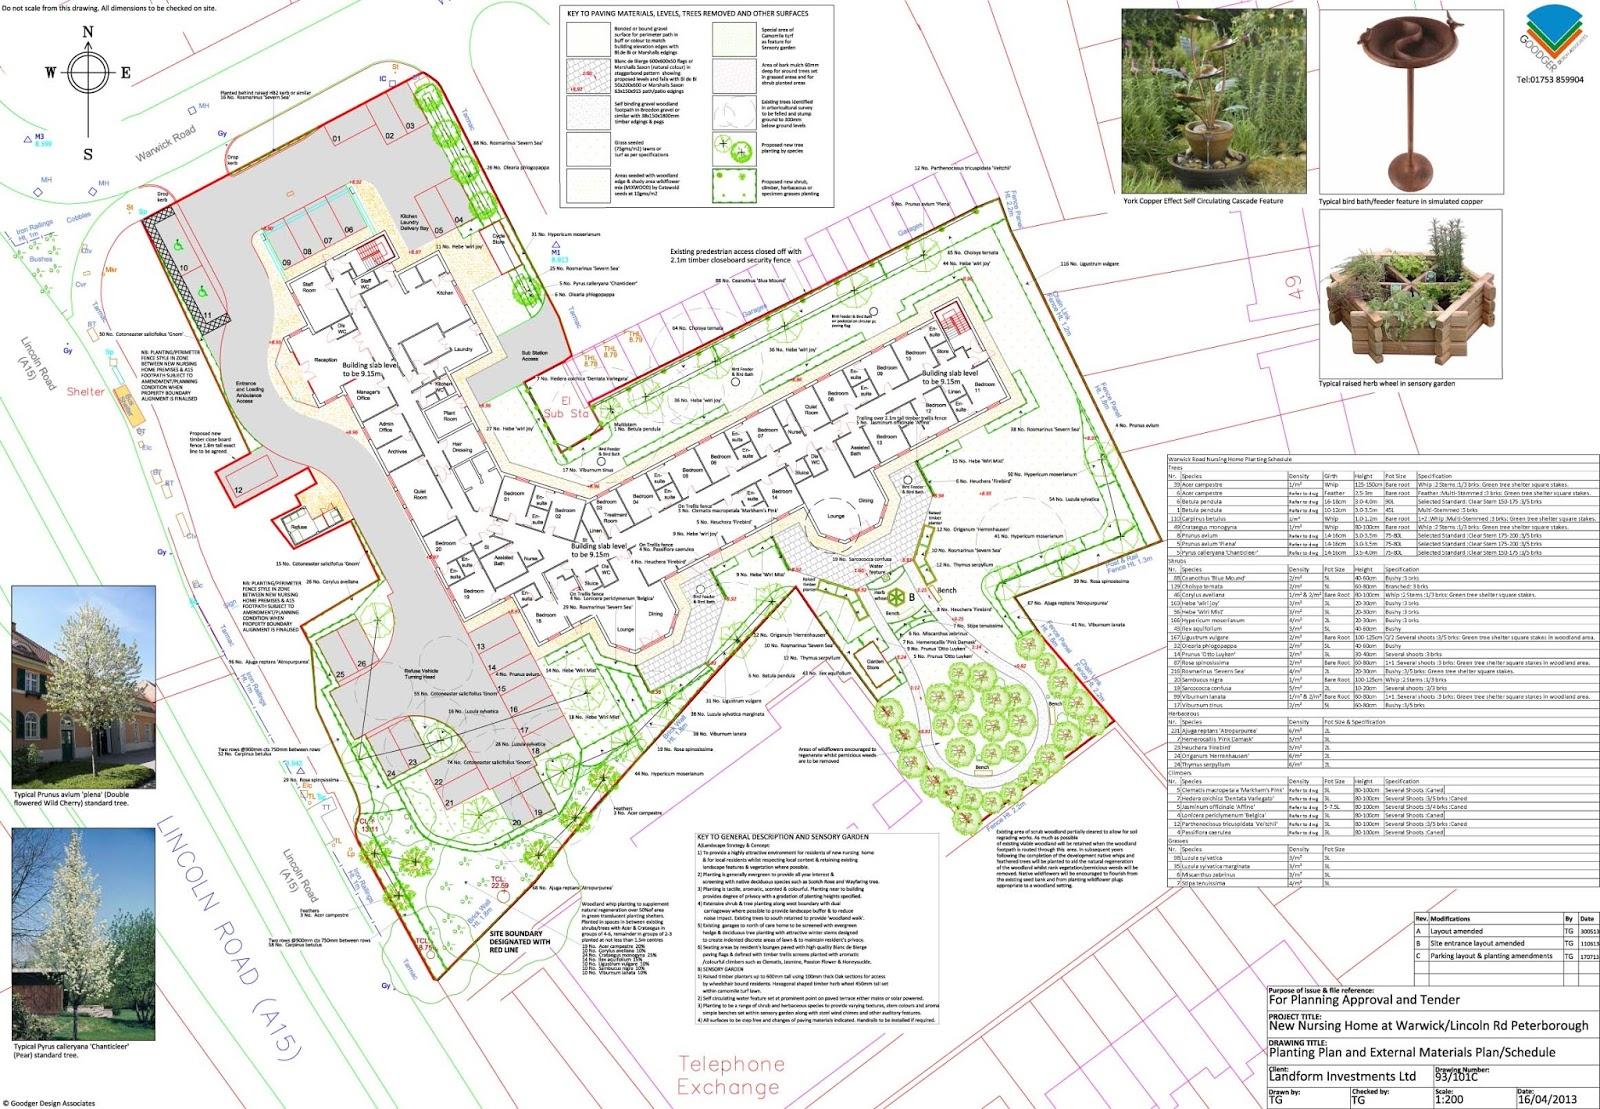 Nursing home planning design images for Nursing home garden design